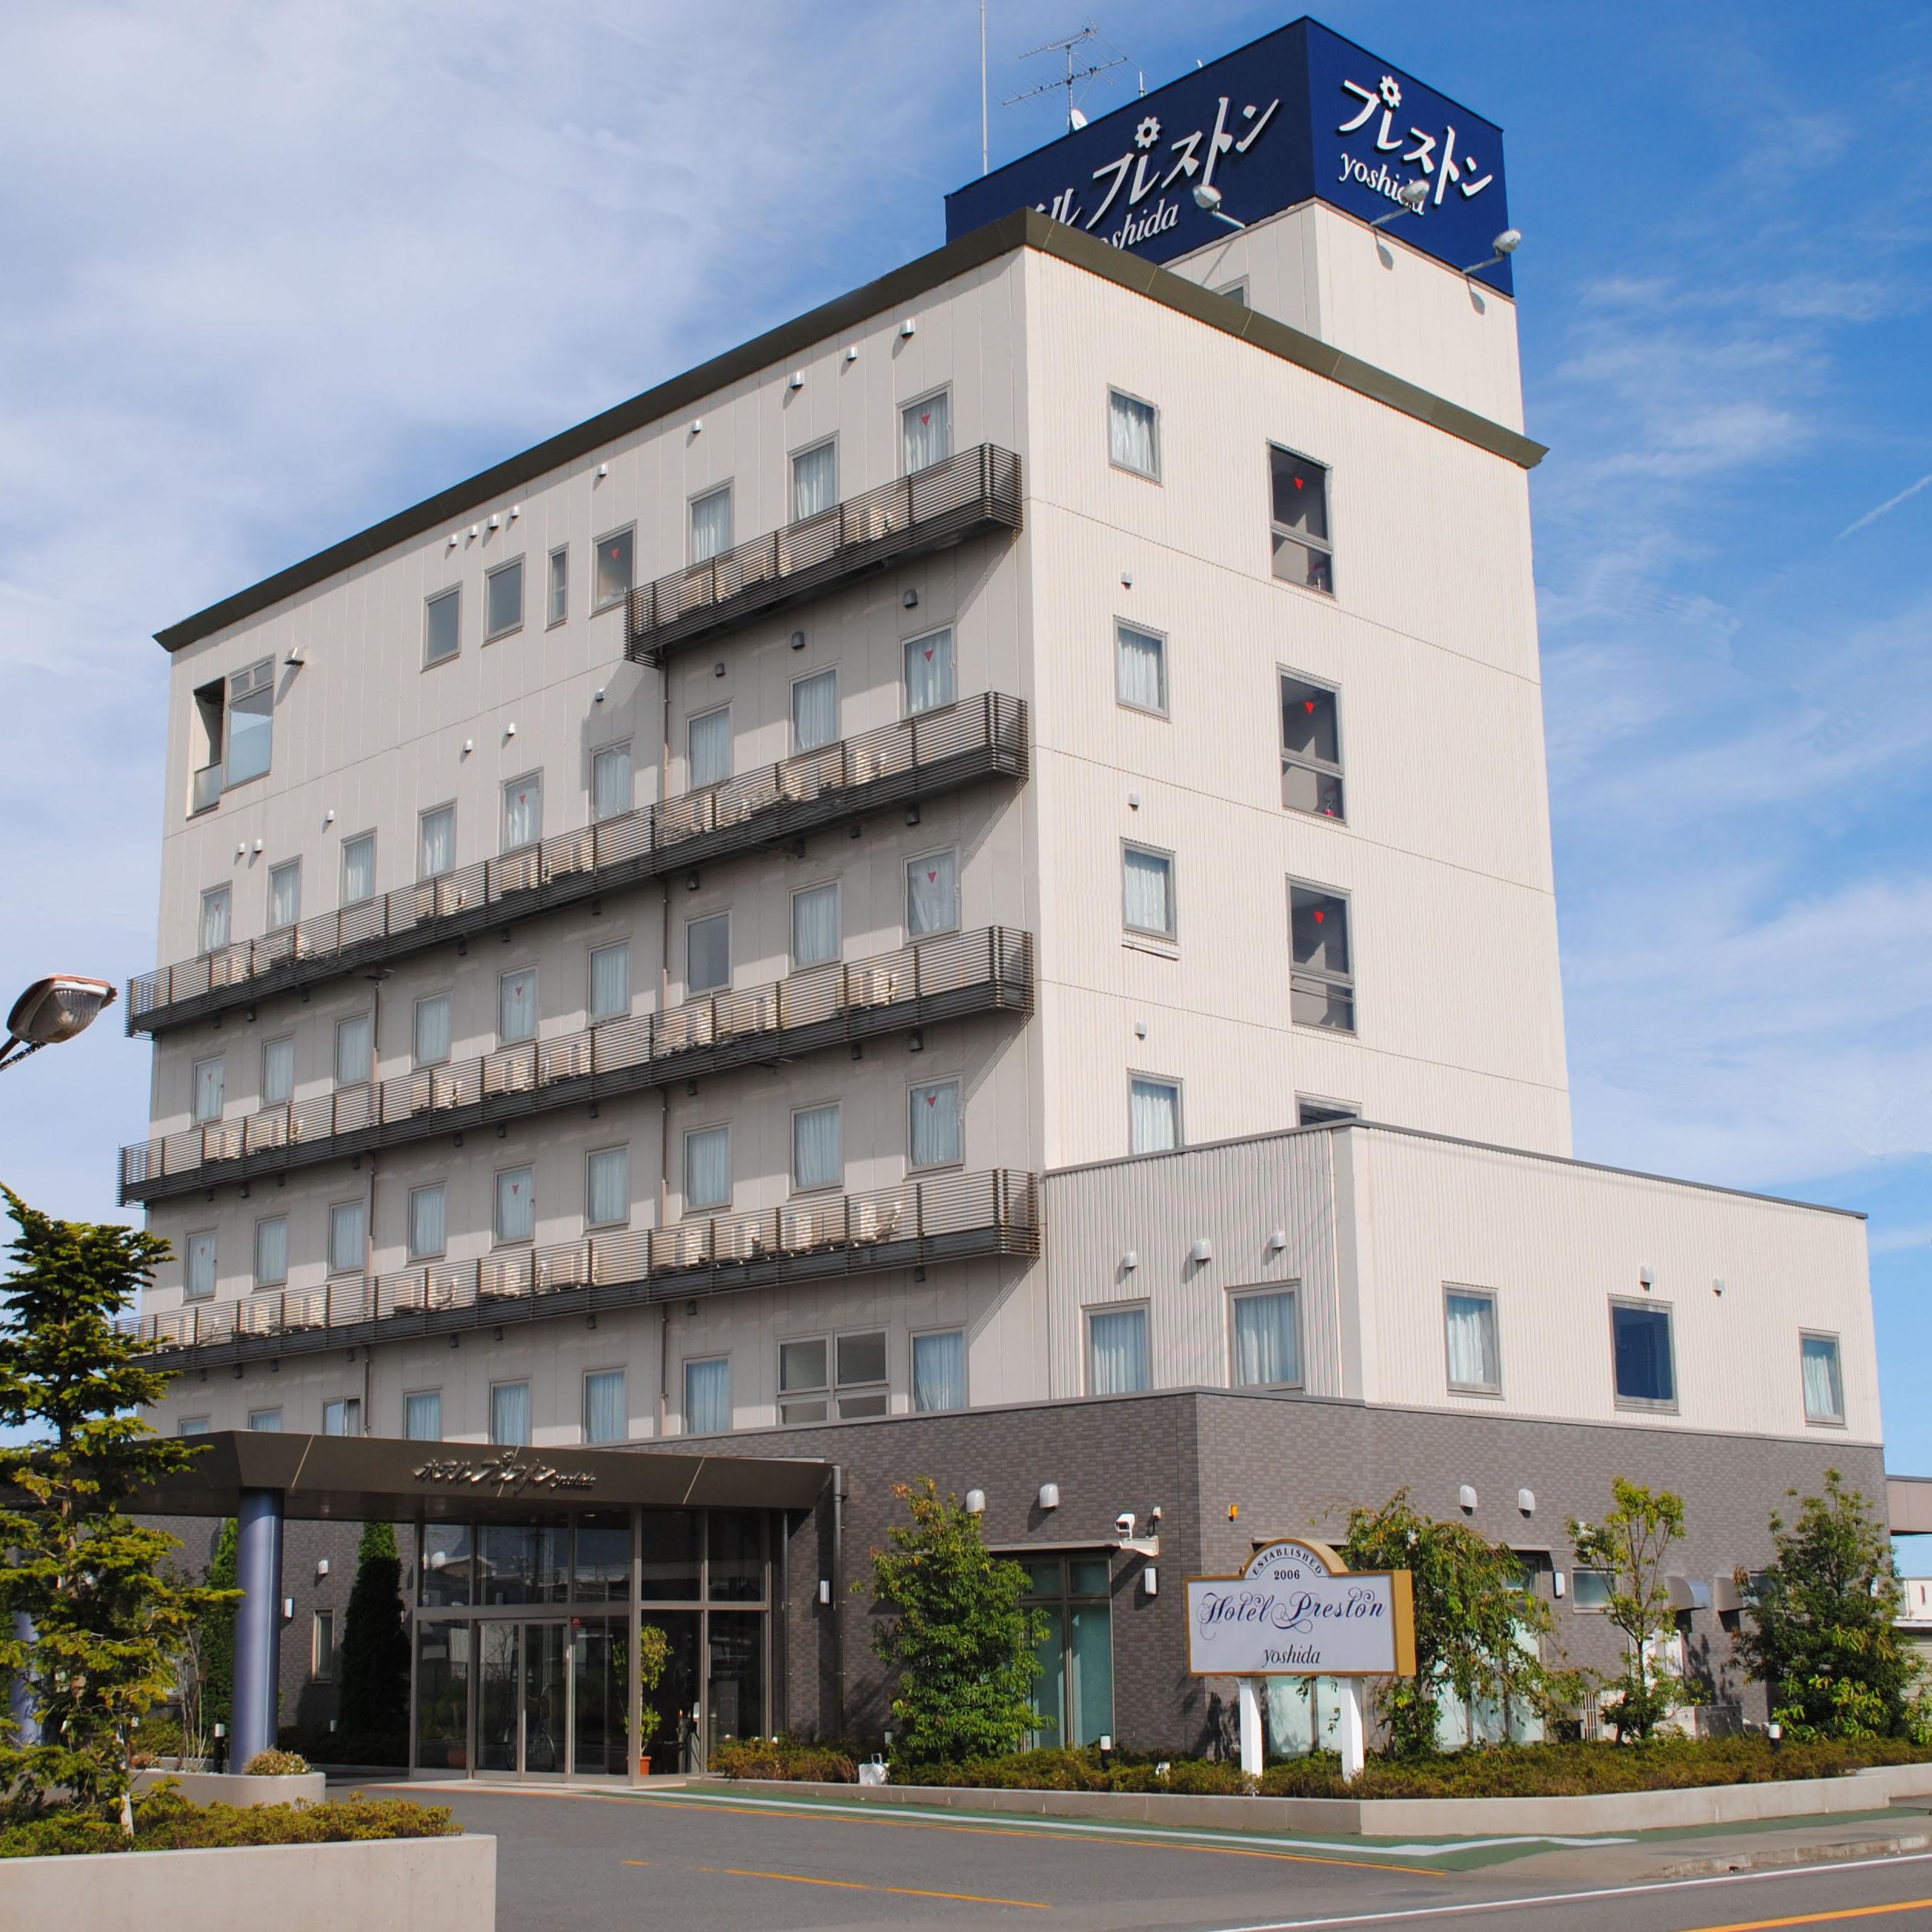 静岡空港近辺で便利なおすすめ宿泊施設